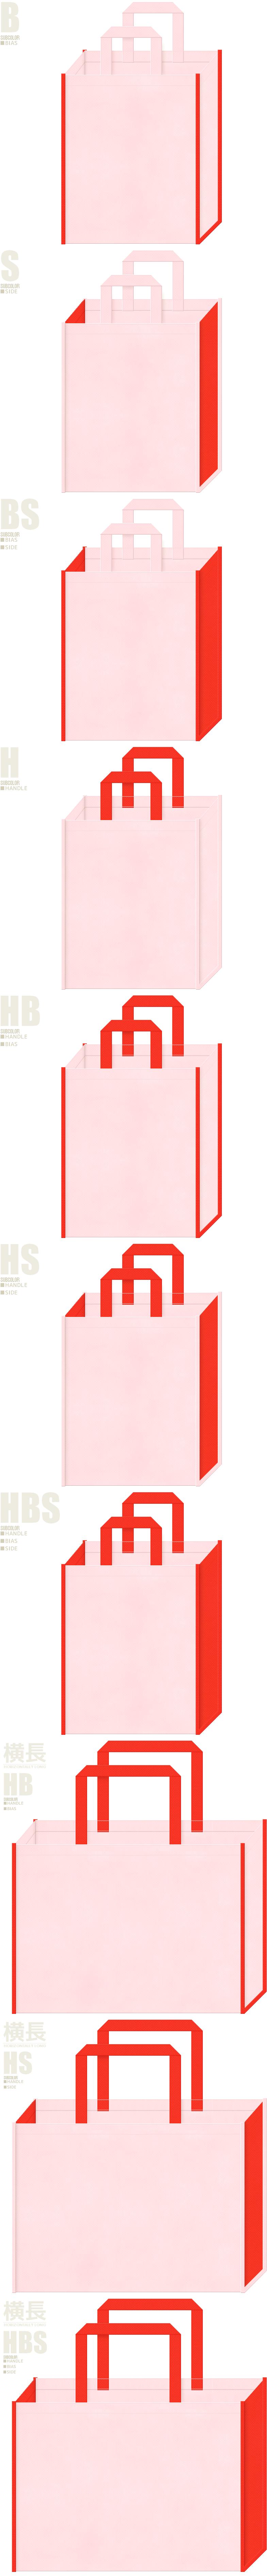 ランチバッグ・お料理のイメージにお奨めの不織布バッグデザイン:桜色とオレンジ色の配色7パターン。